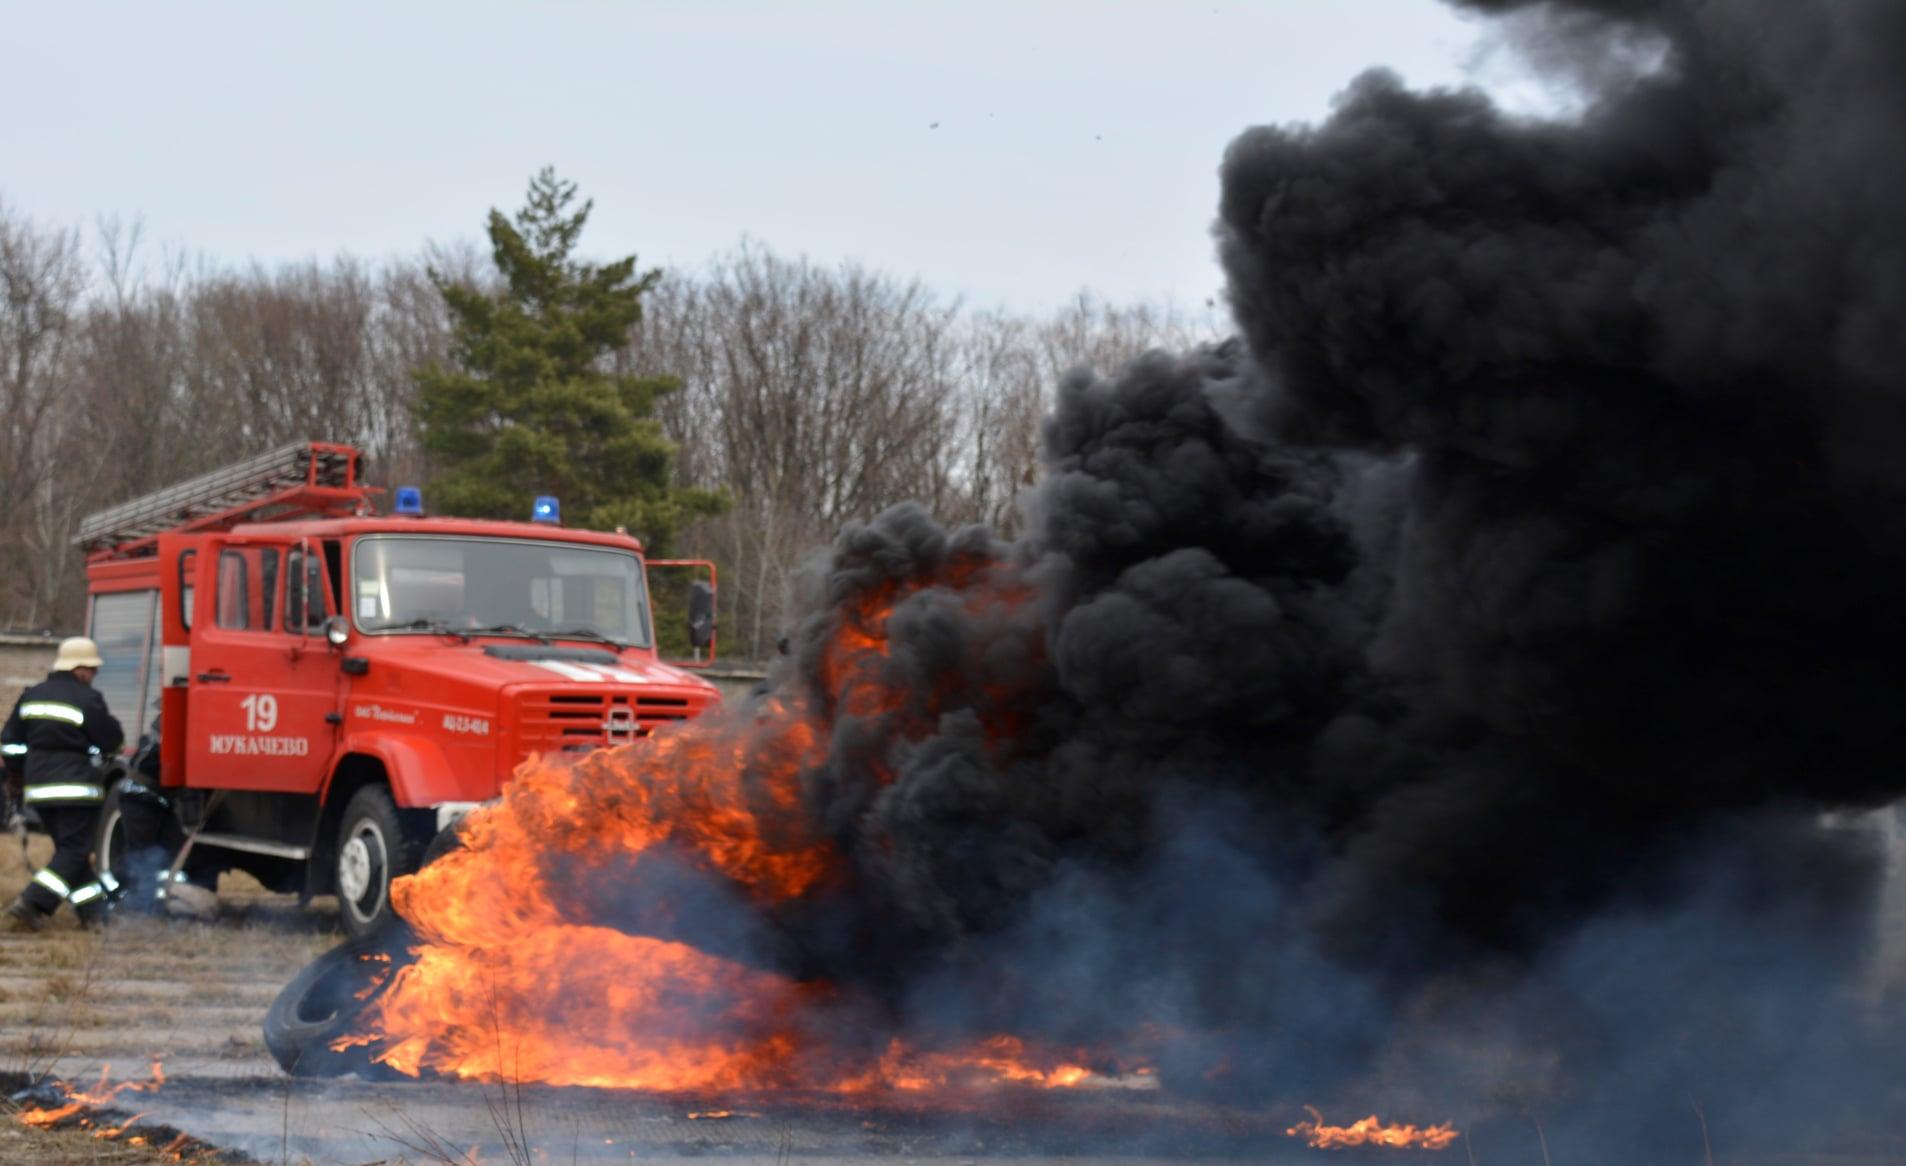 Так, з 12 пожеж, що виникли впродовж чергової доби, 10 виїздів здійснено на ліквідацію загорань автомобільних шин.